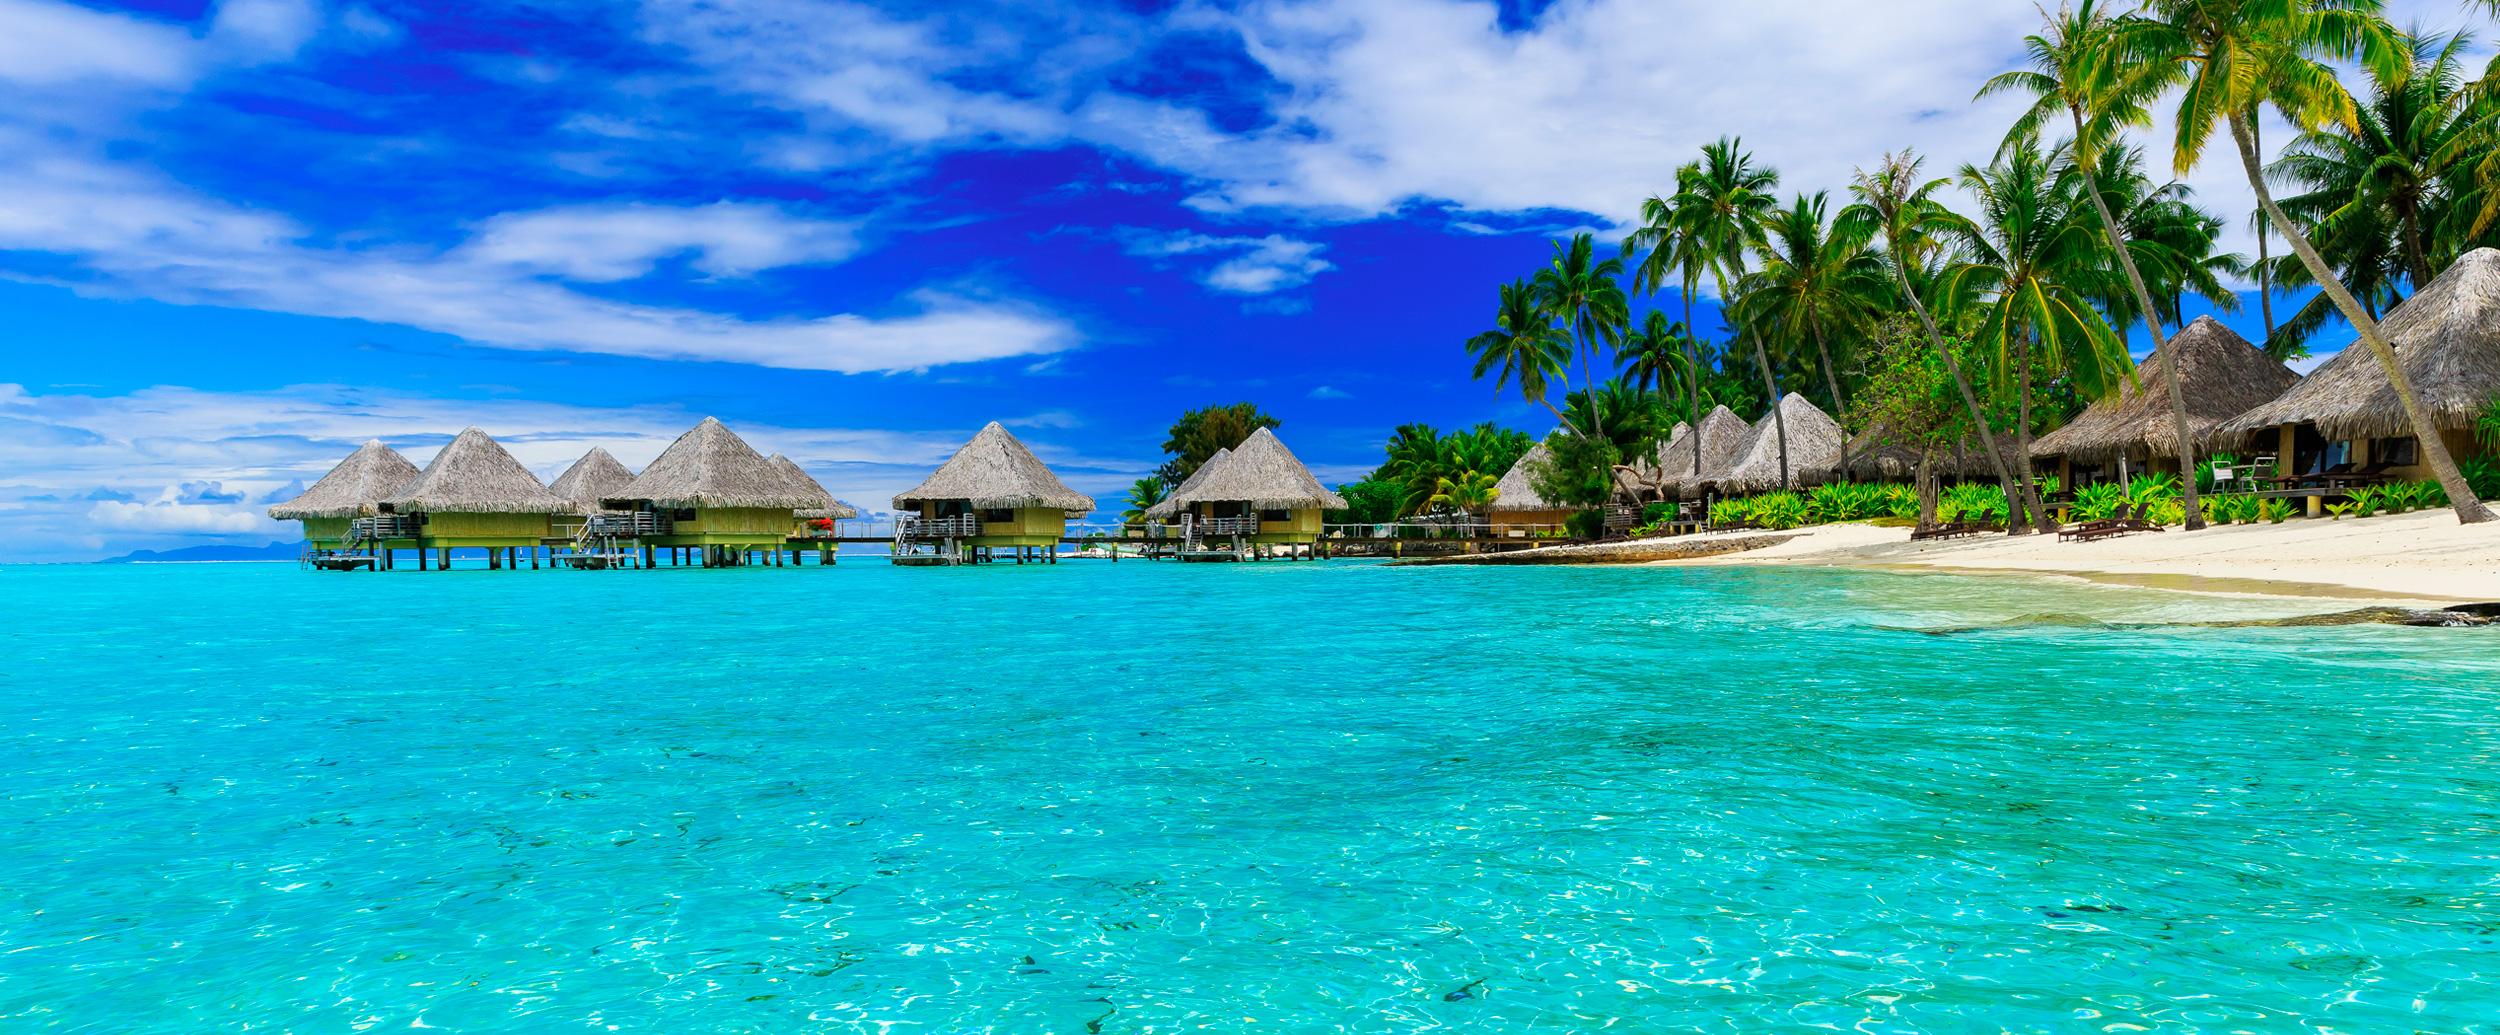 excursions tahiti iles sous le vent polynsie franaise payer en plusieurs fois magiclub. Black Bedroom Furniture Sets. Home Design Ideas